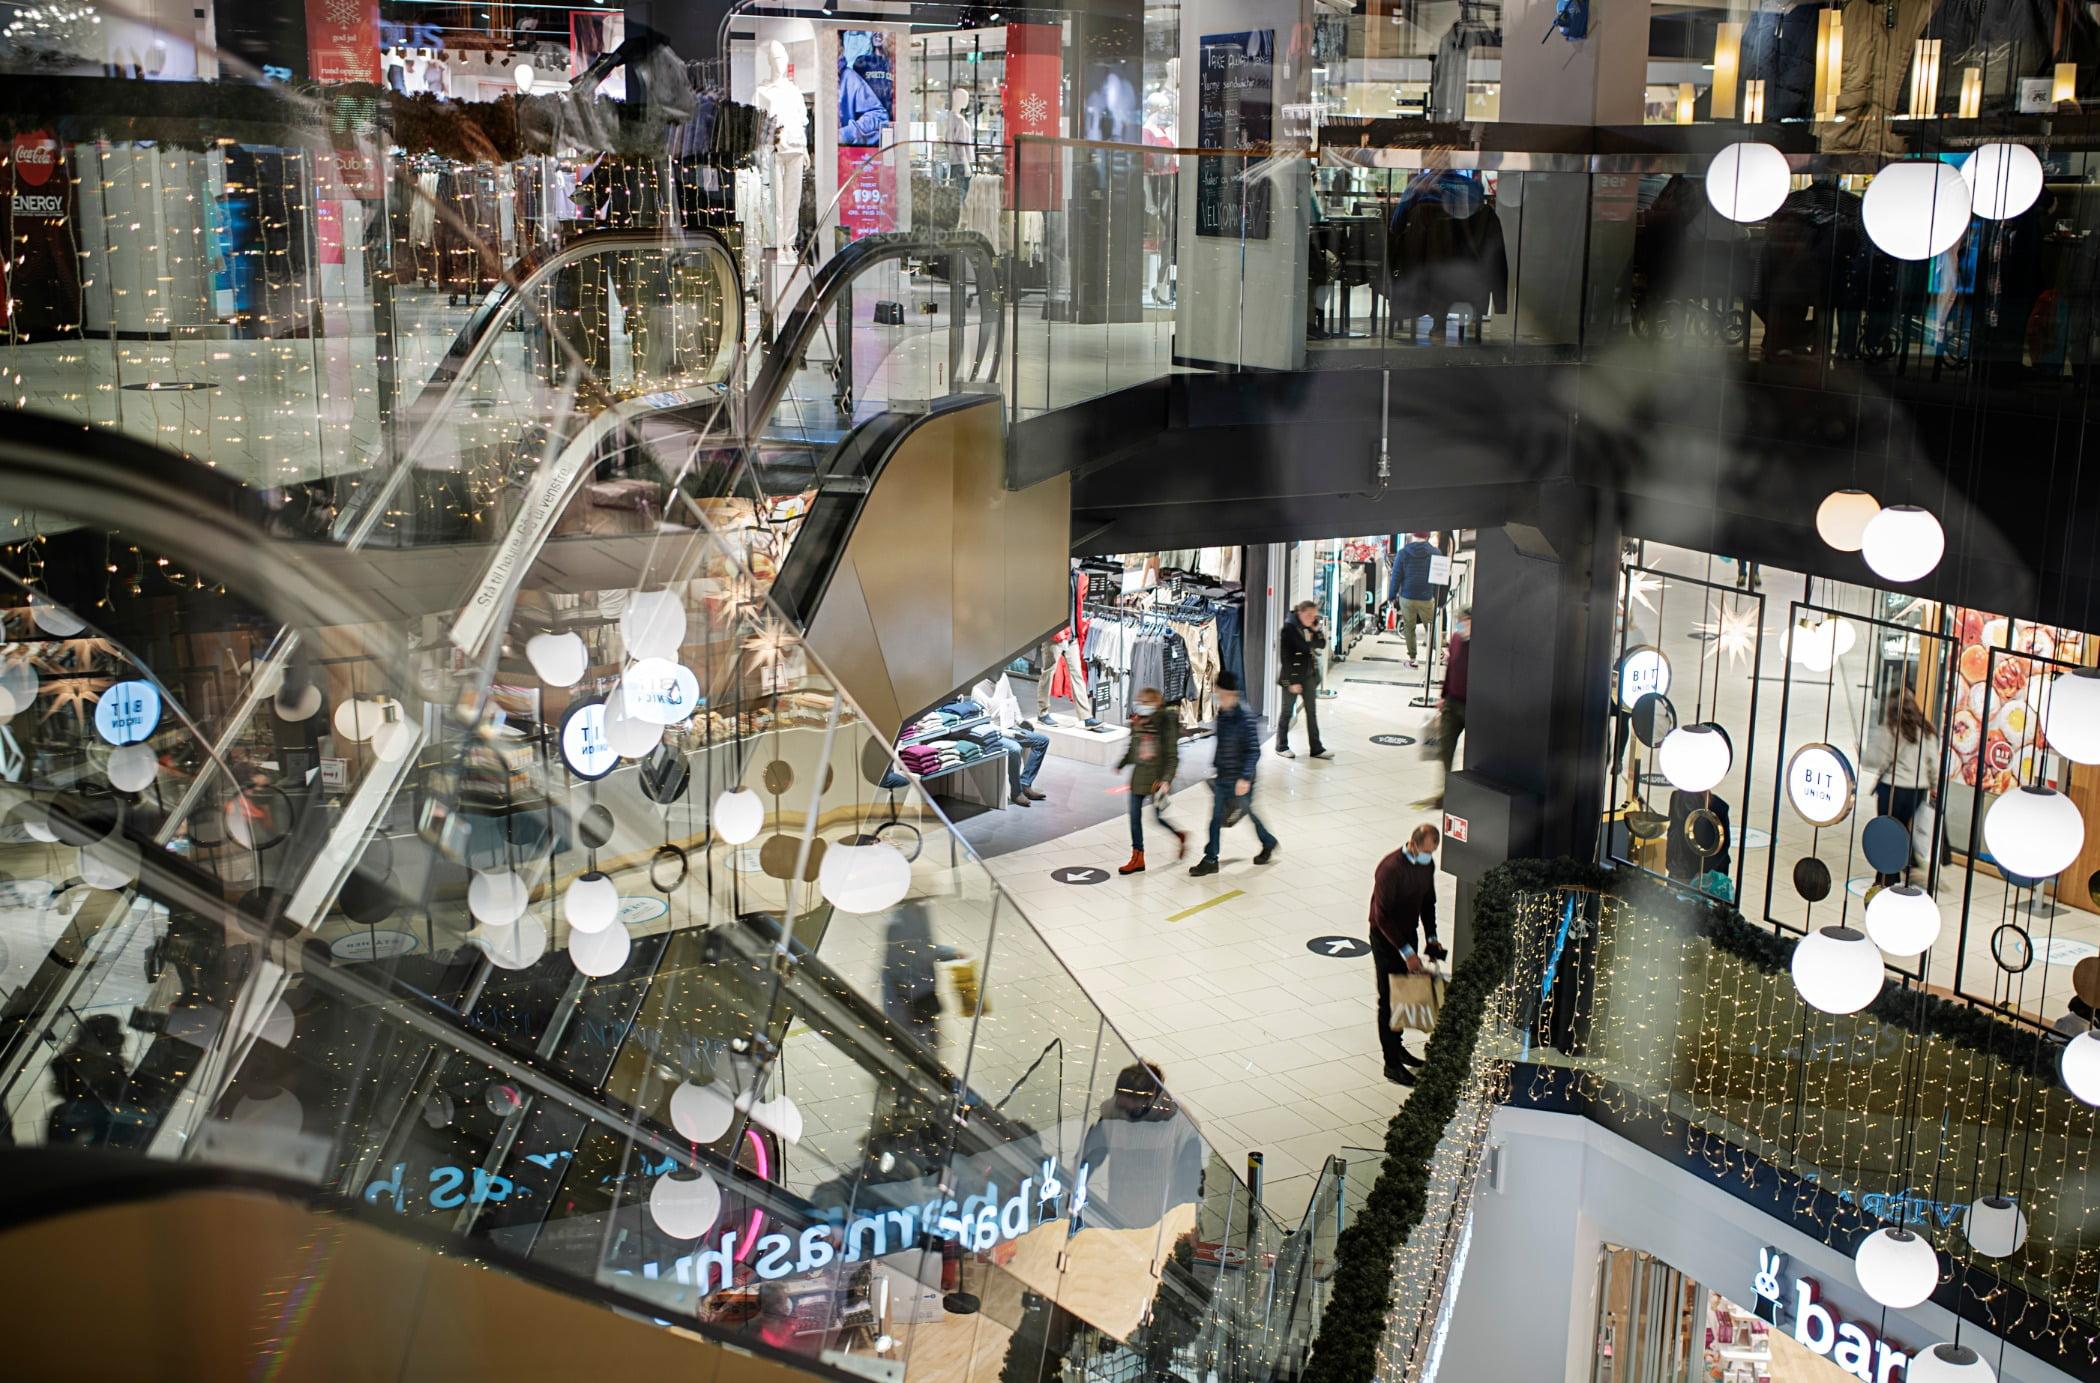 Shopping mall, Pedestrian, Retail